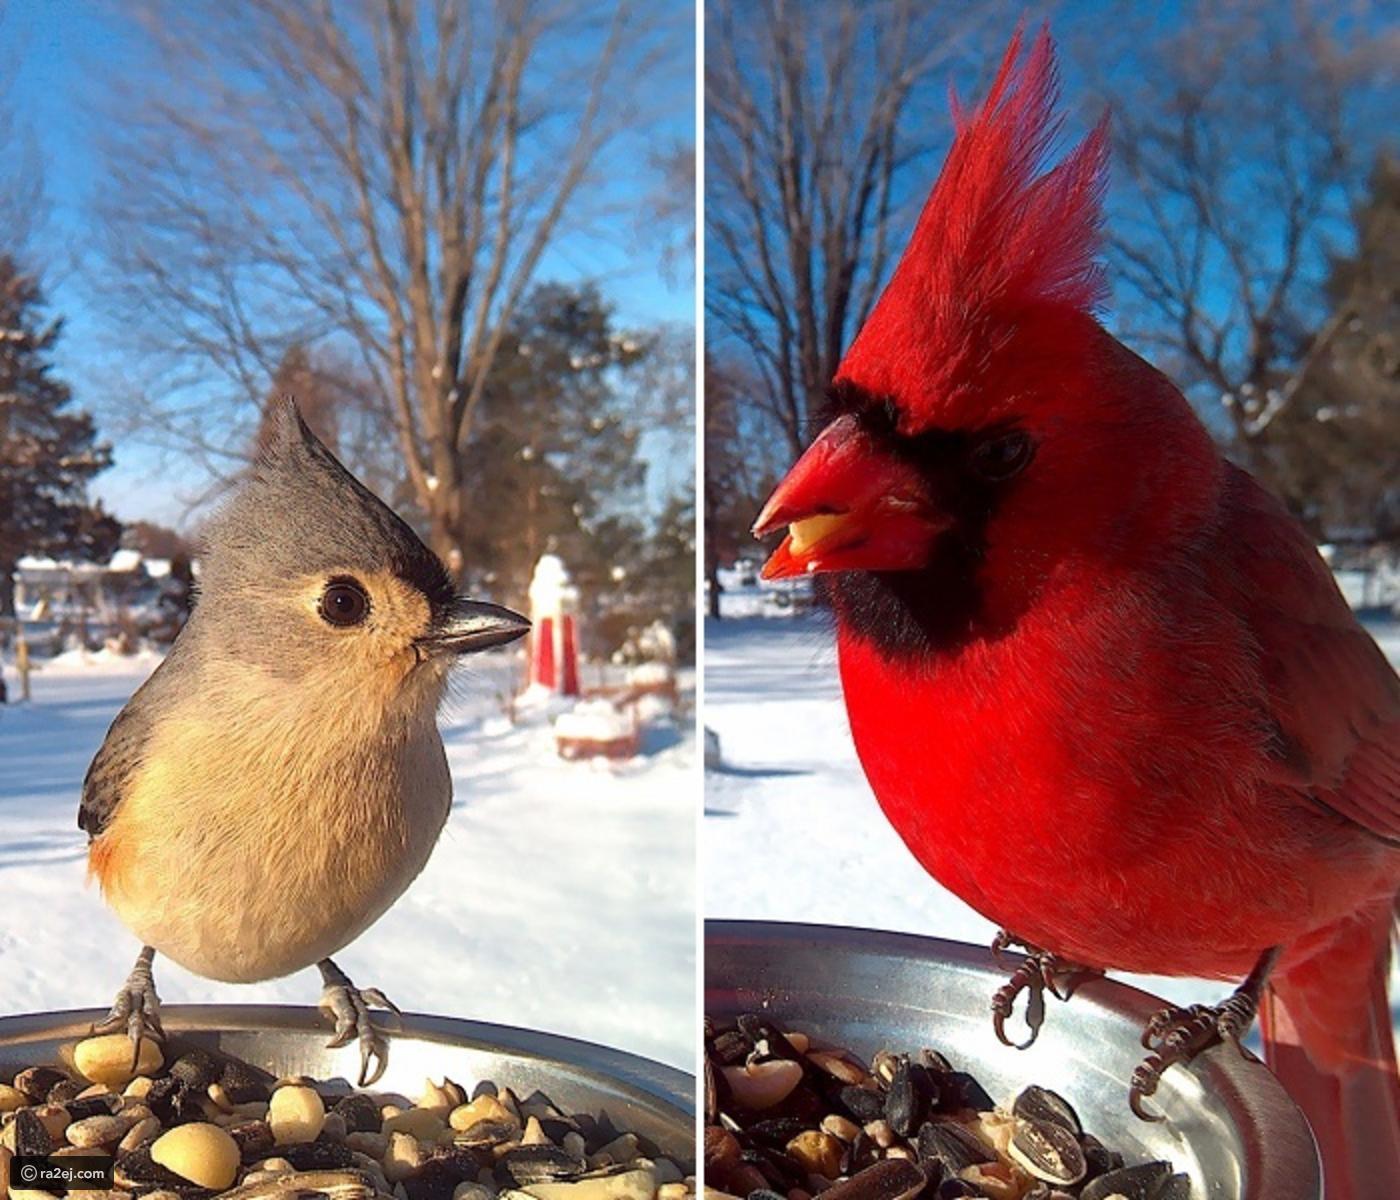 بالصور صور طيور , صور طيور غاية فى الجمال والروعة 131 12